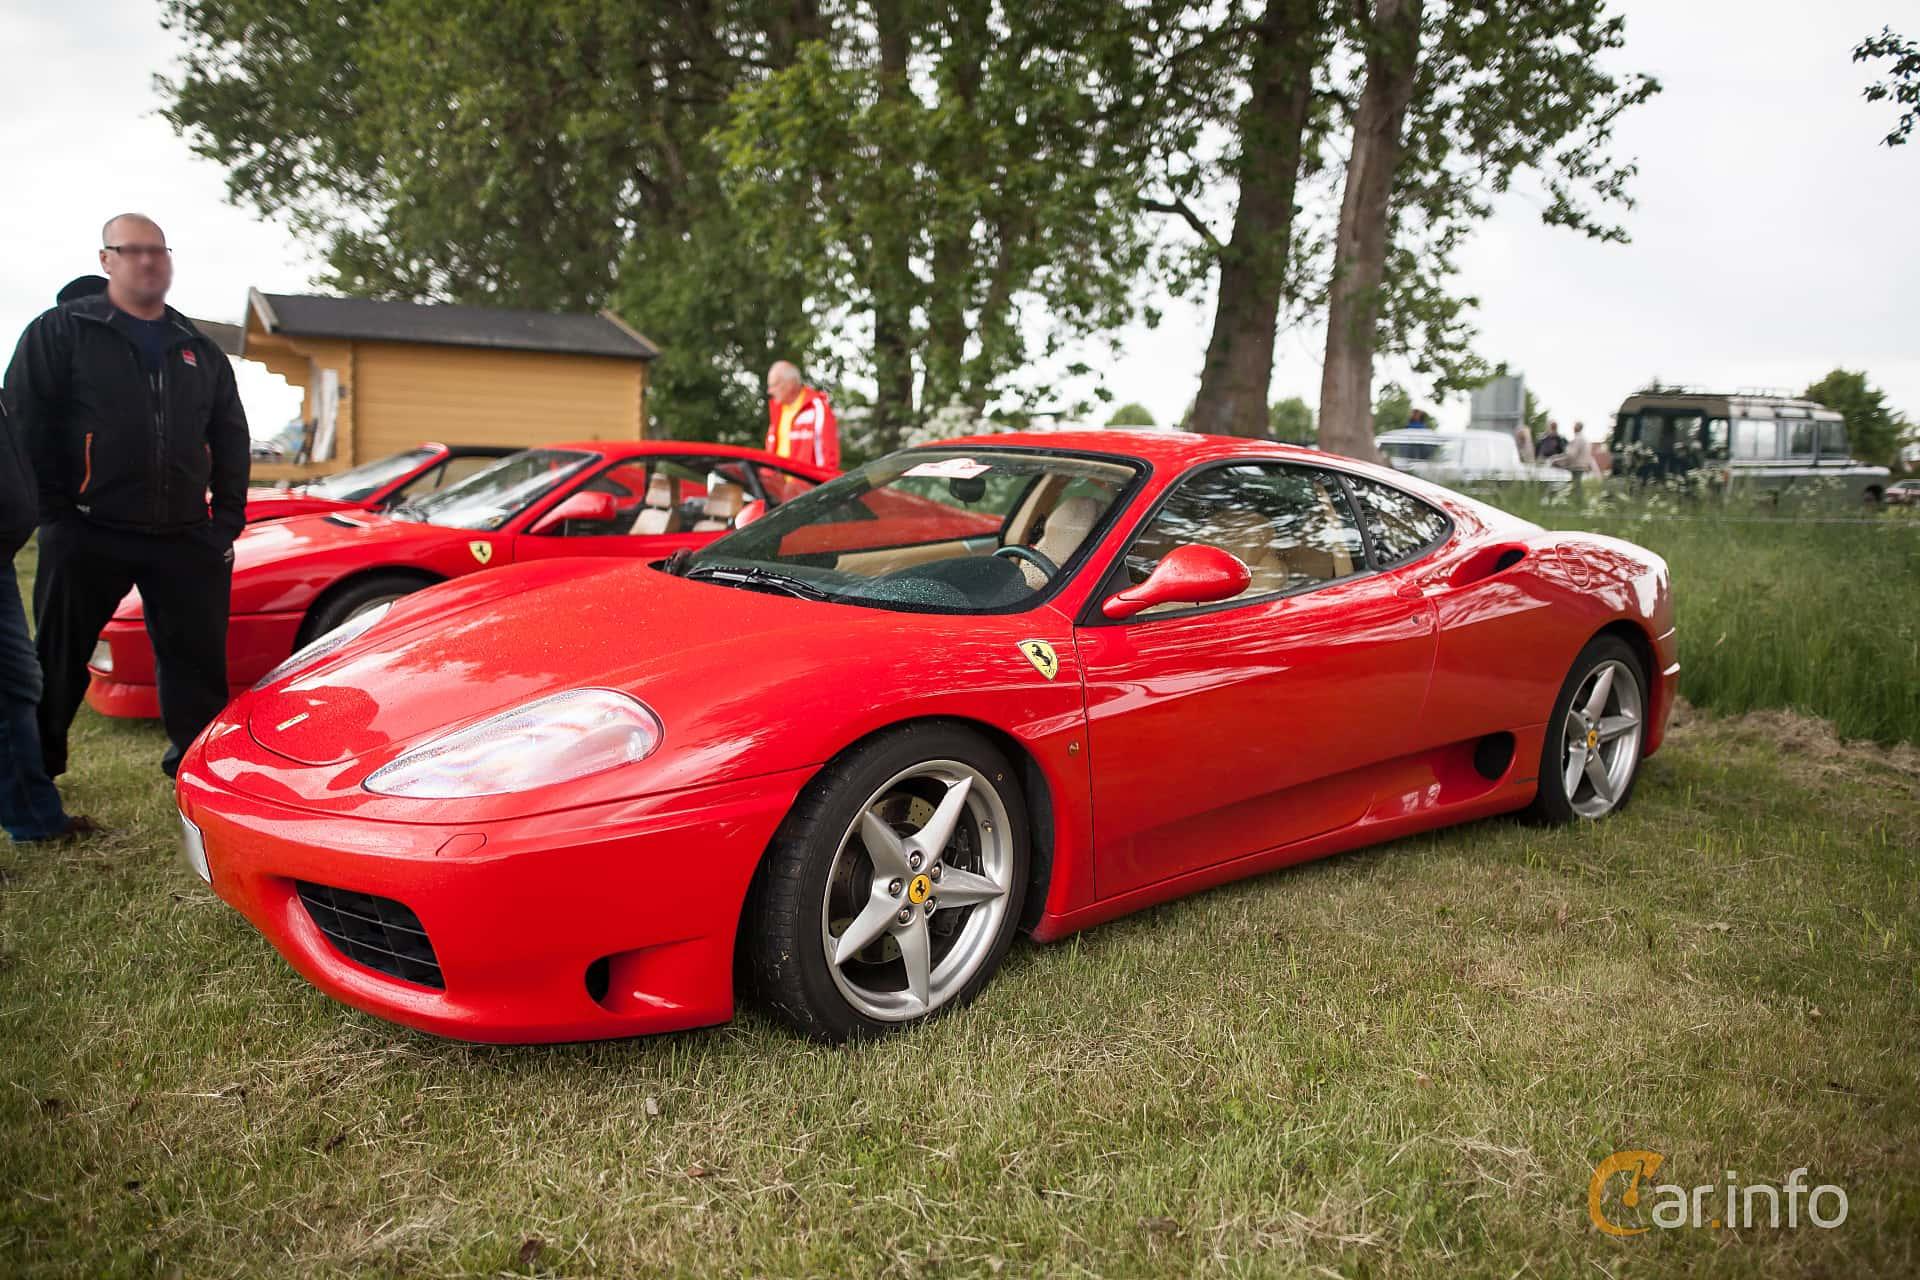 Ferrari 360 Modena 3.6 V8 Manual, 400hp, 2003 at Tisdagsträffarna Vikingatider v.24 / 2015